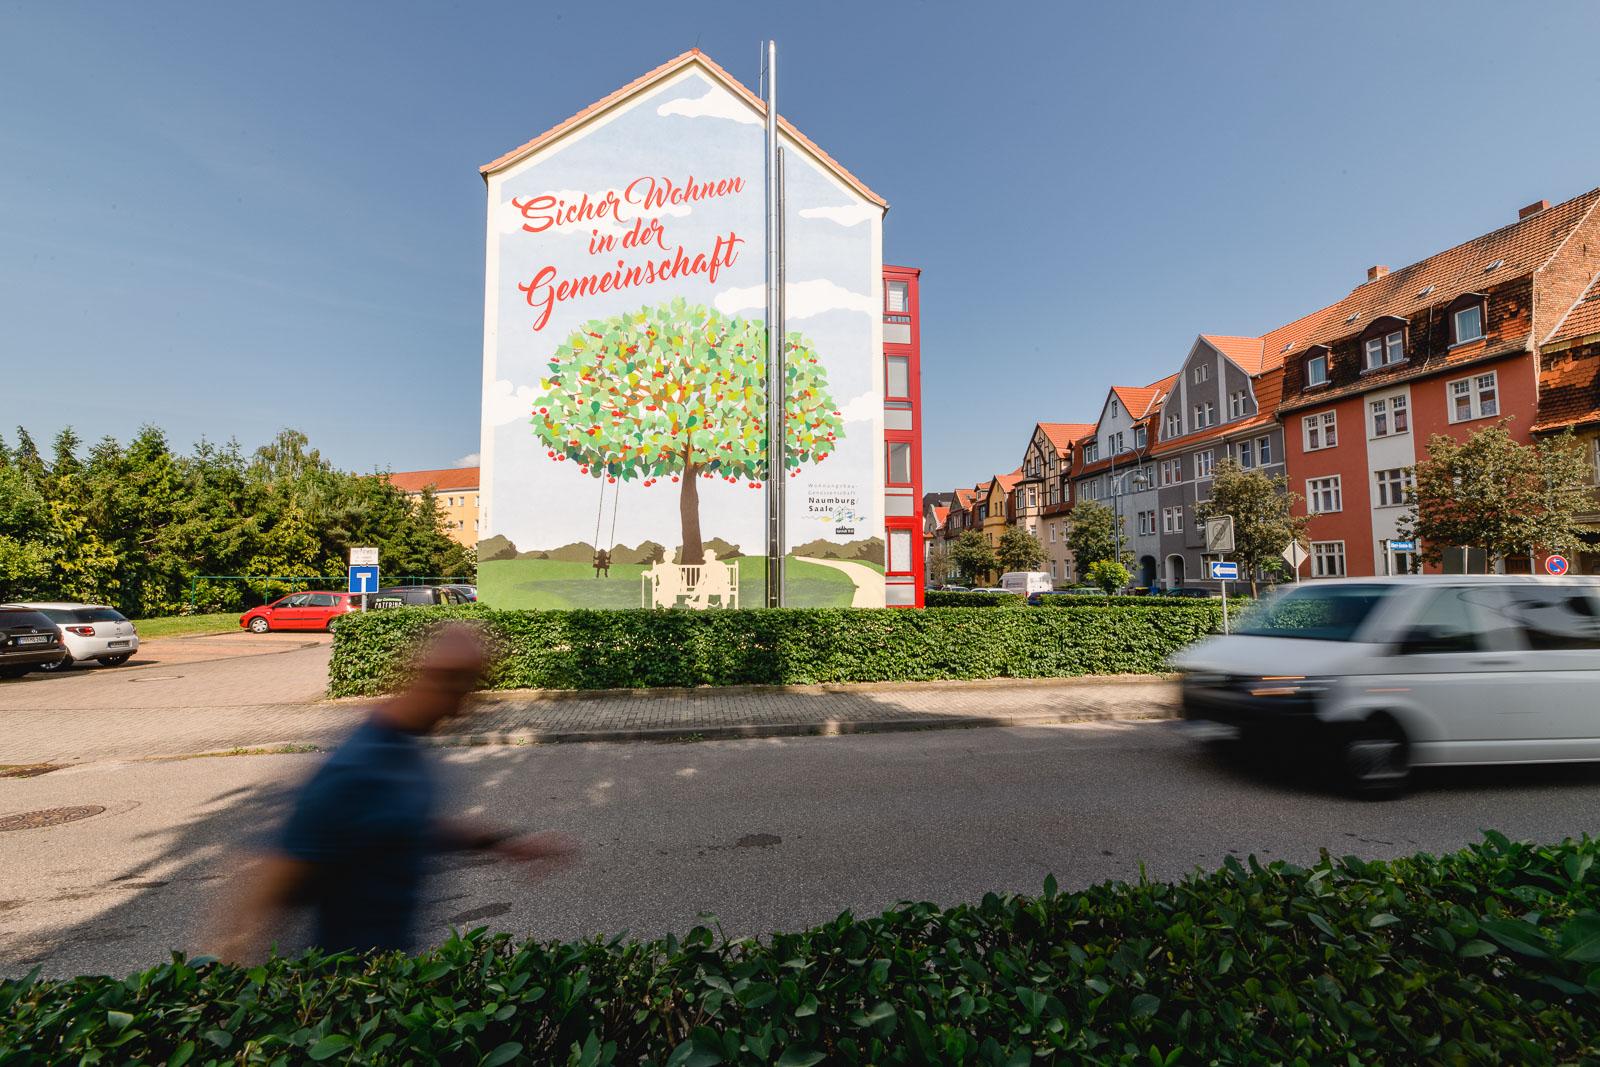 Wohnungen in der Gemeinschaft in Naumburg und Bad Kösen